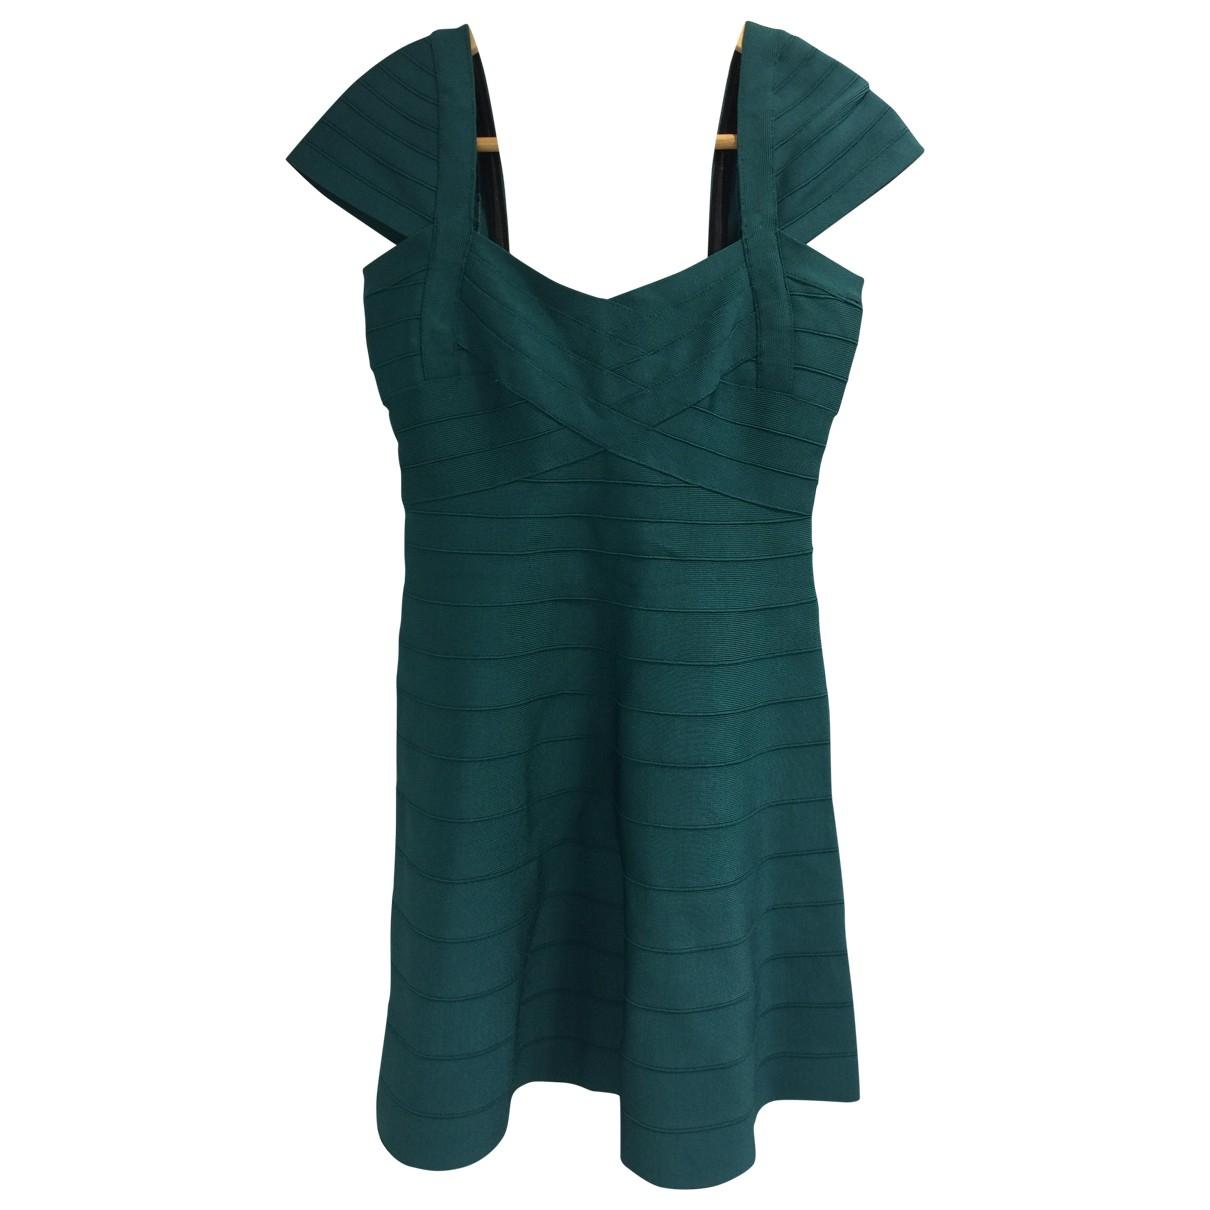 Herve Leger \N Green Linen dress for Women L International